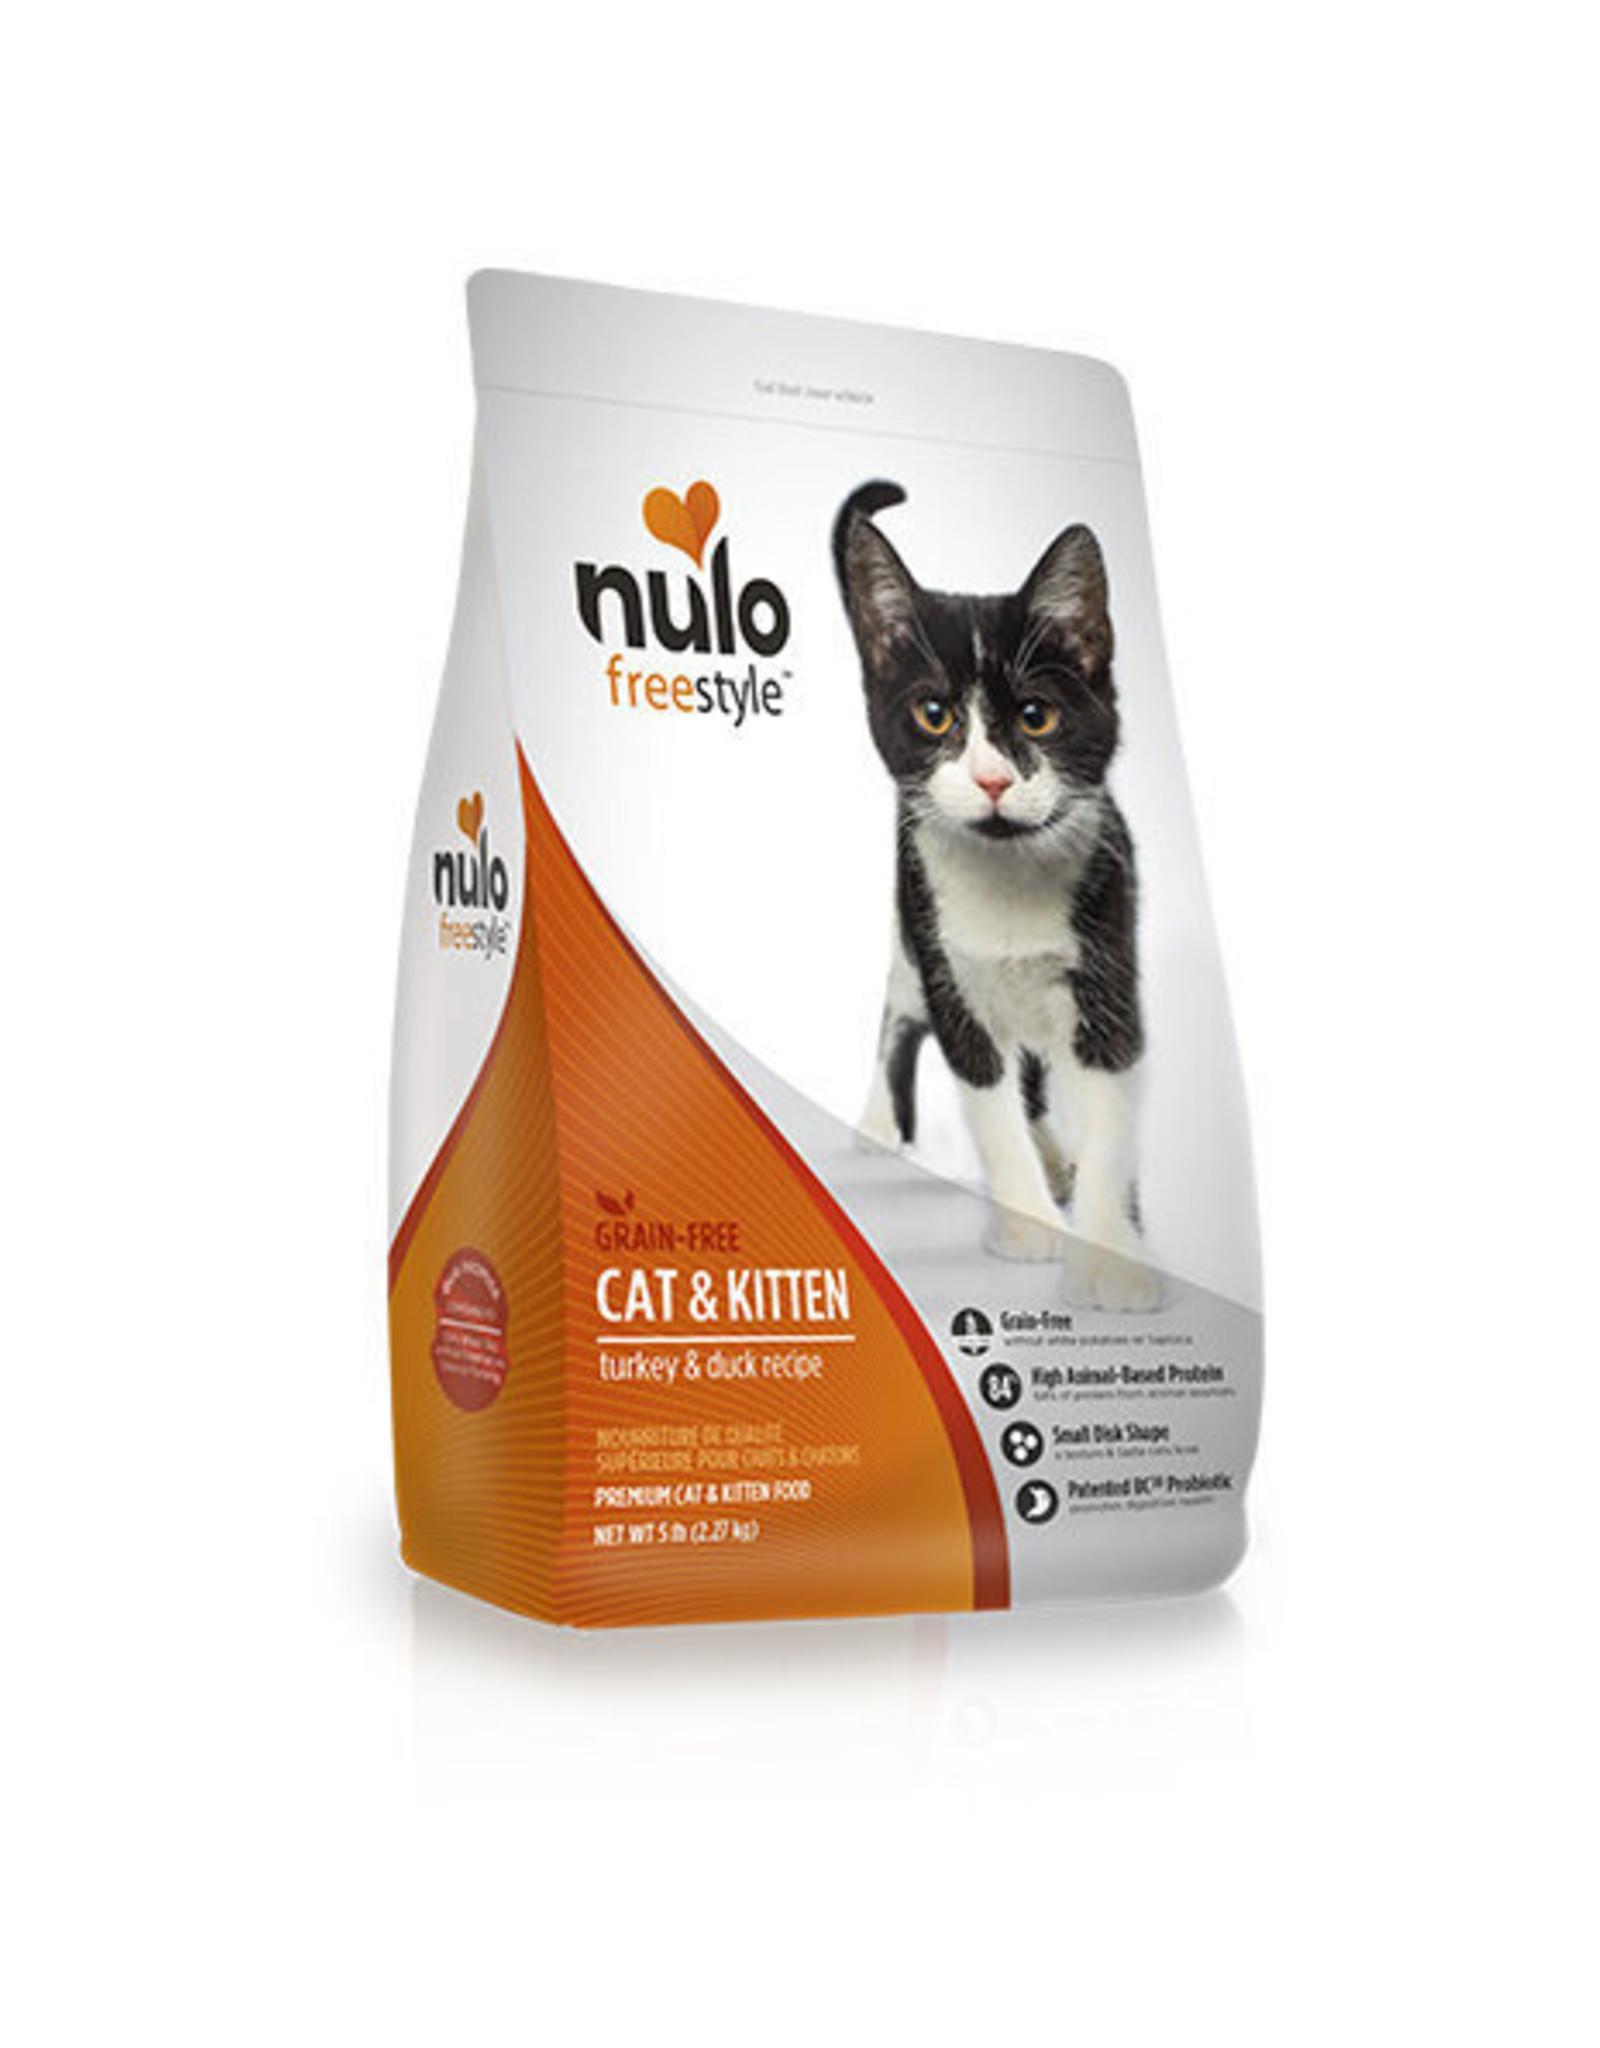 Nulo Nulo Cat - Turkey & Duck 5lb